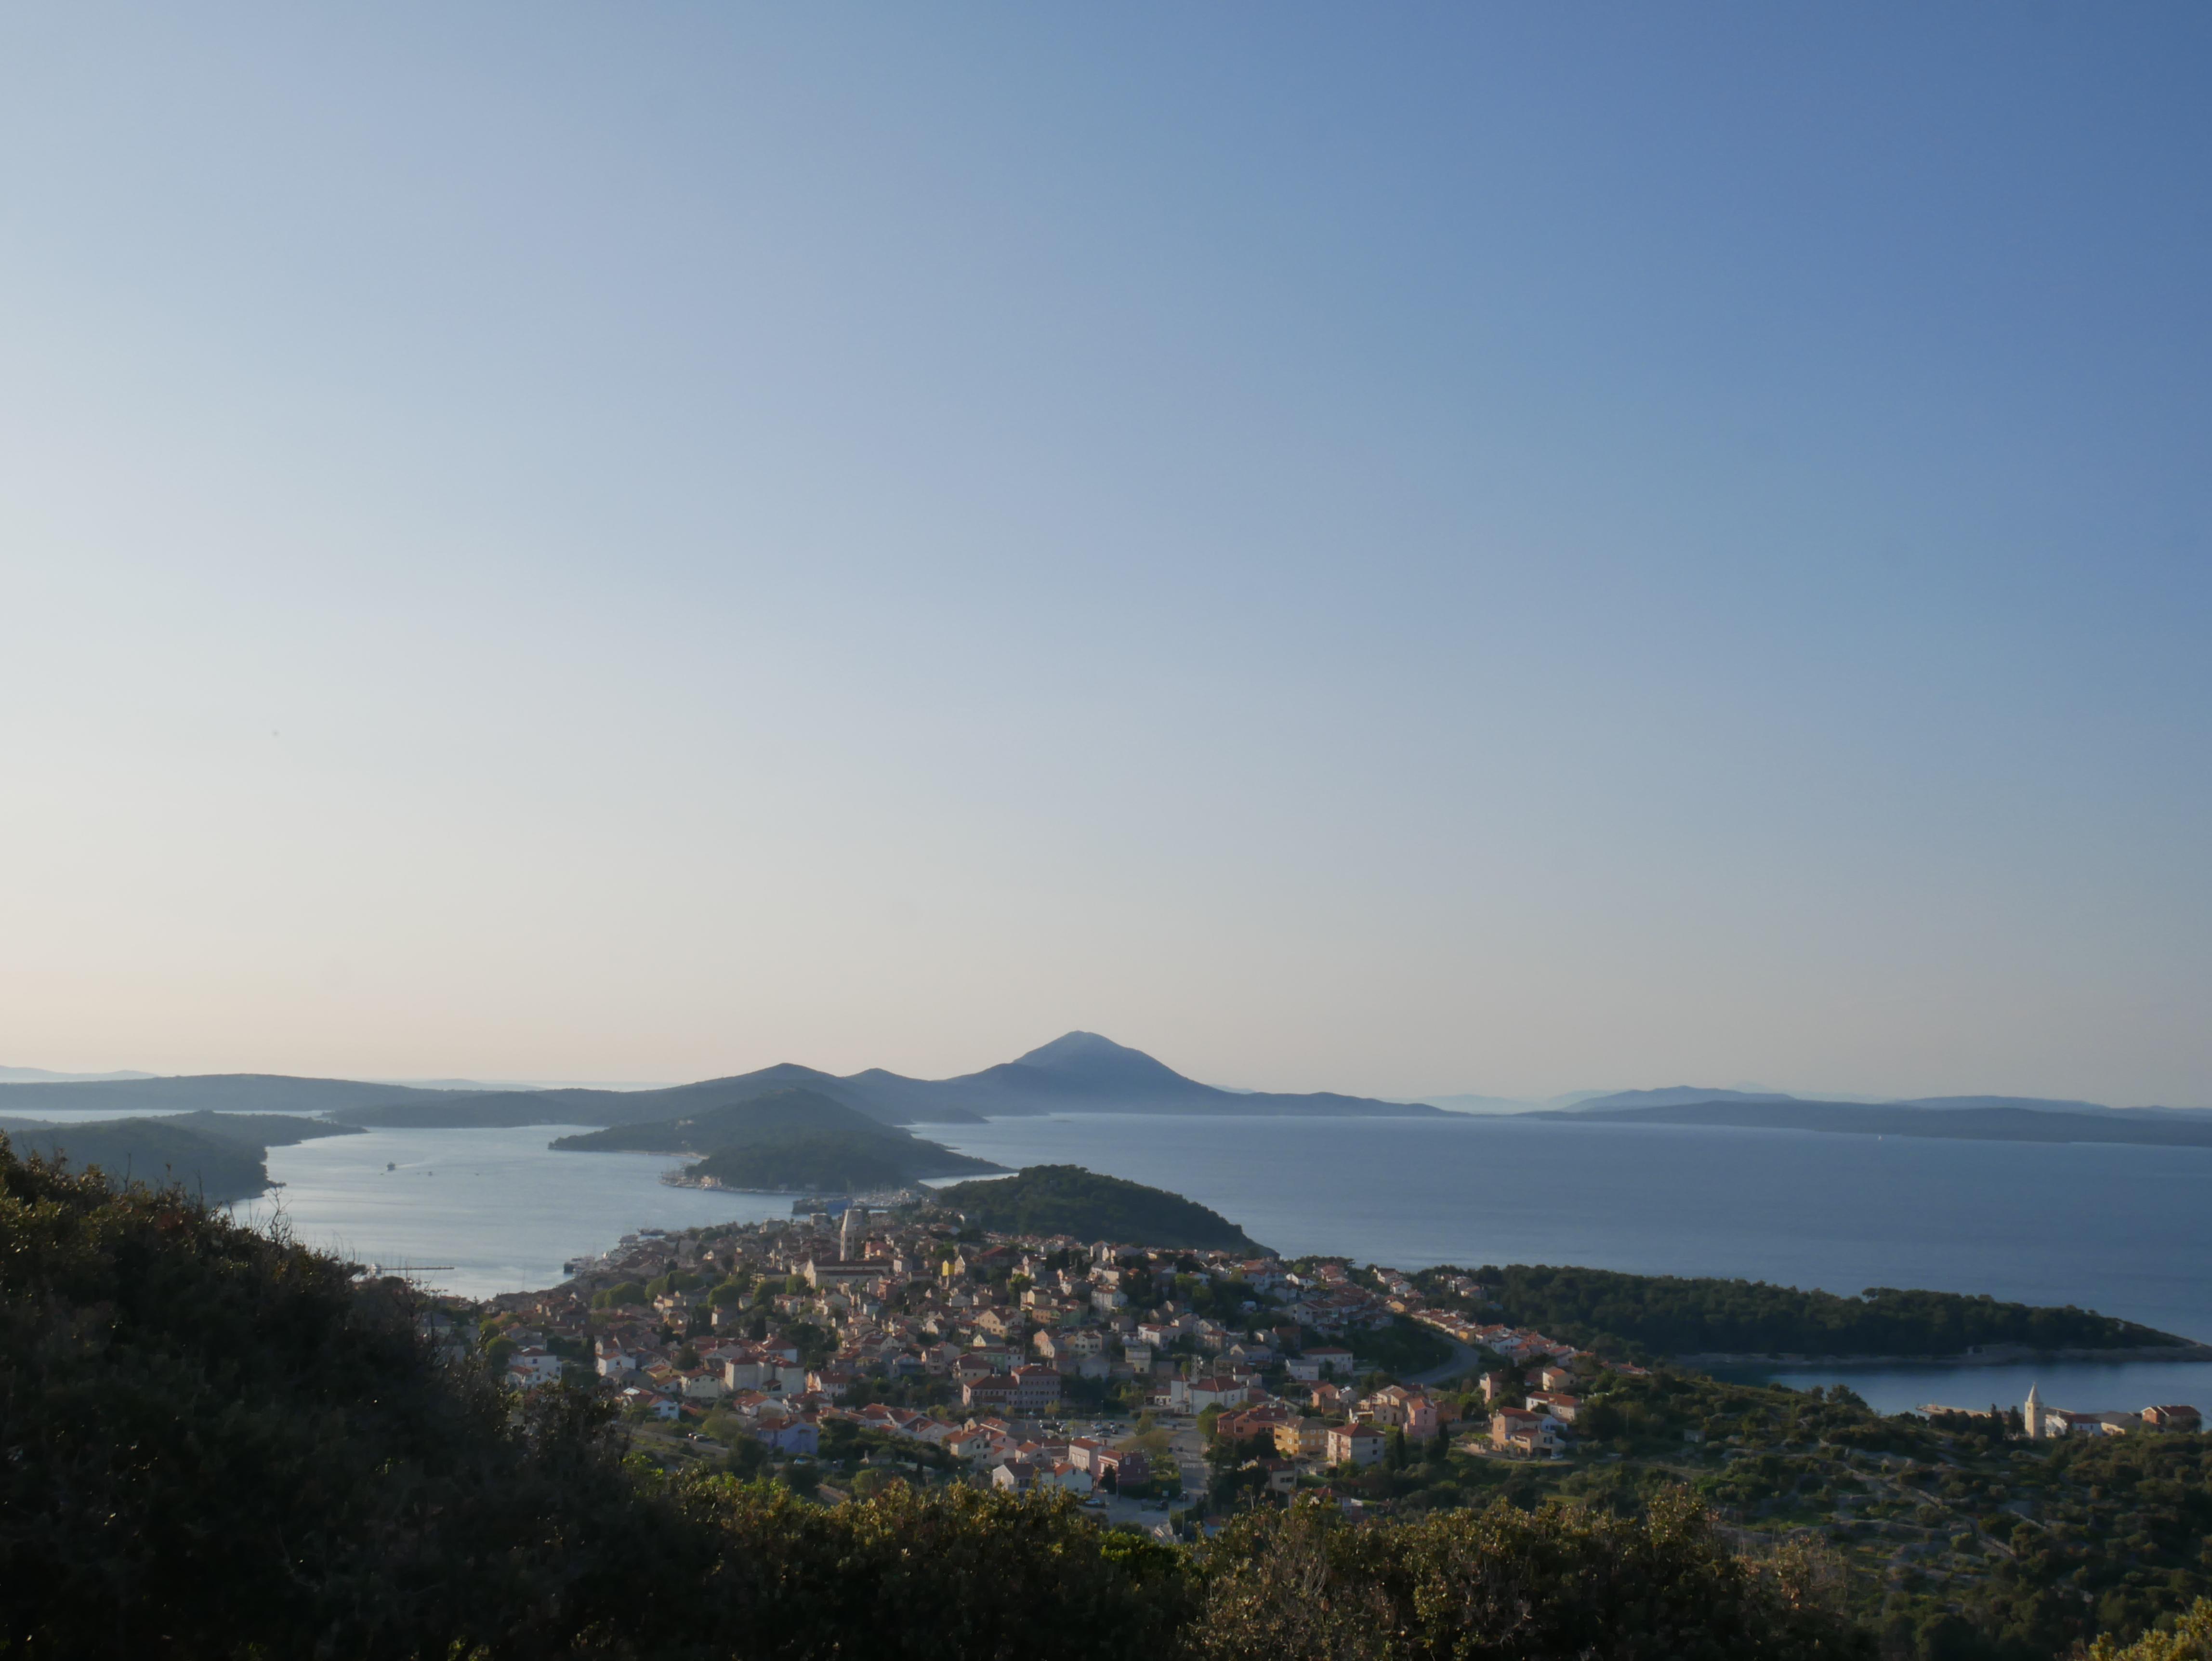 Pomicanje linije horizonta. Slika prikazuje otoke Lošinjskog arhipelaga, i grad Mali Lošinj. Osim toga prikazuje nebo i obalu.